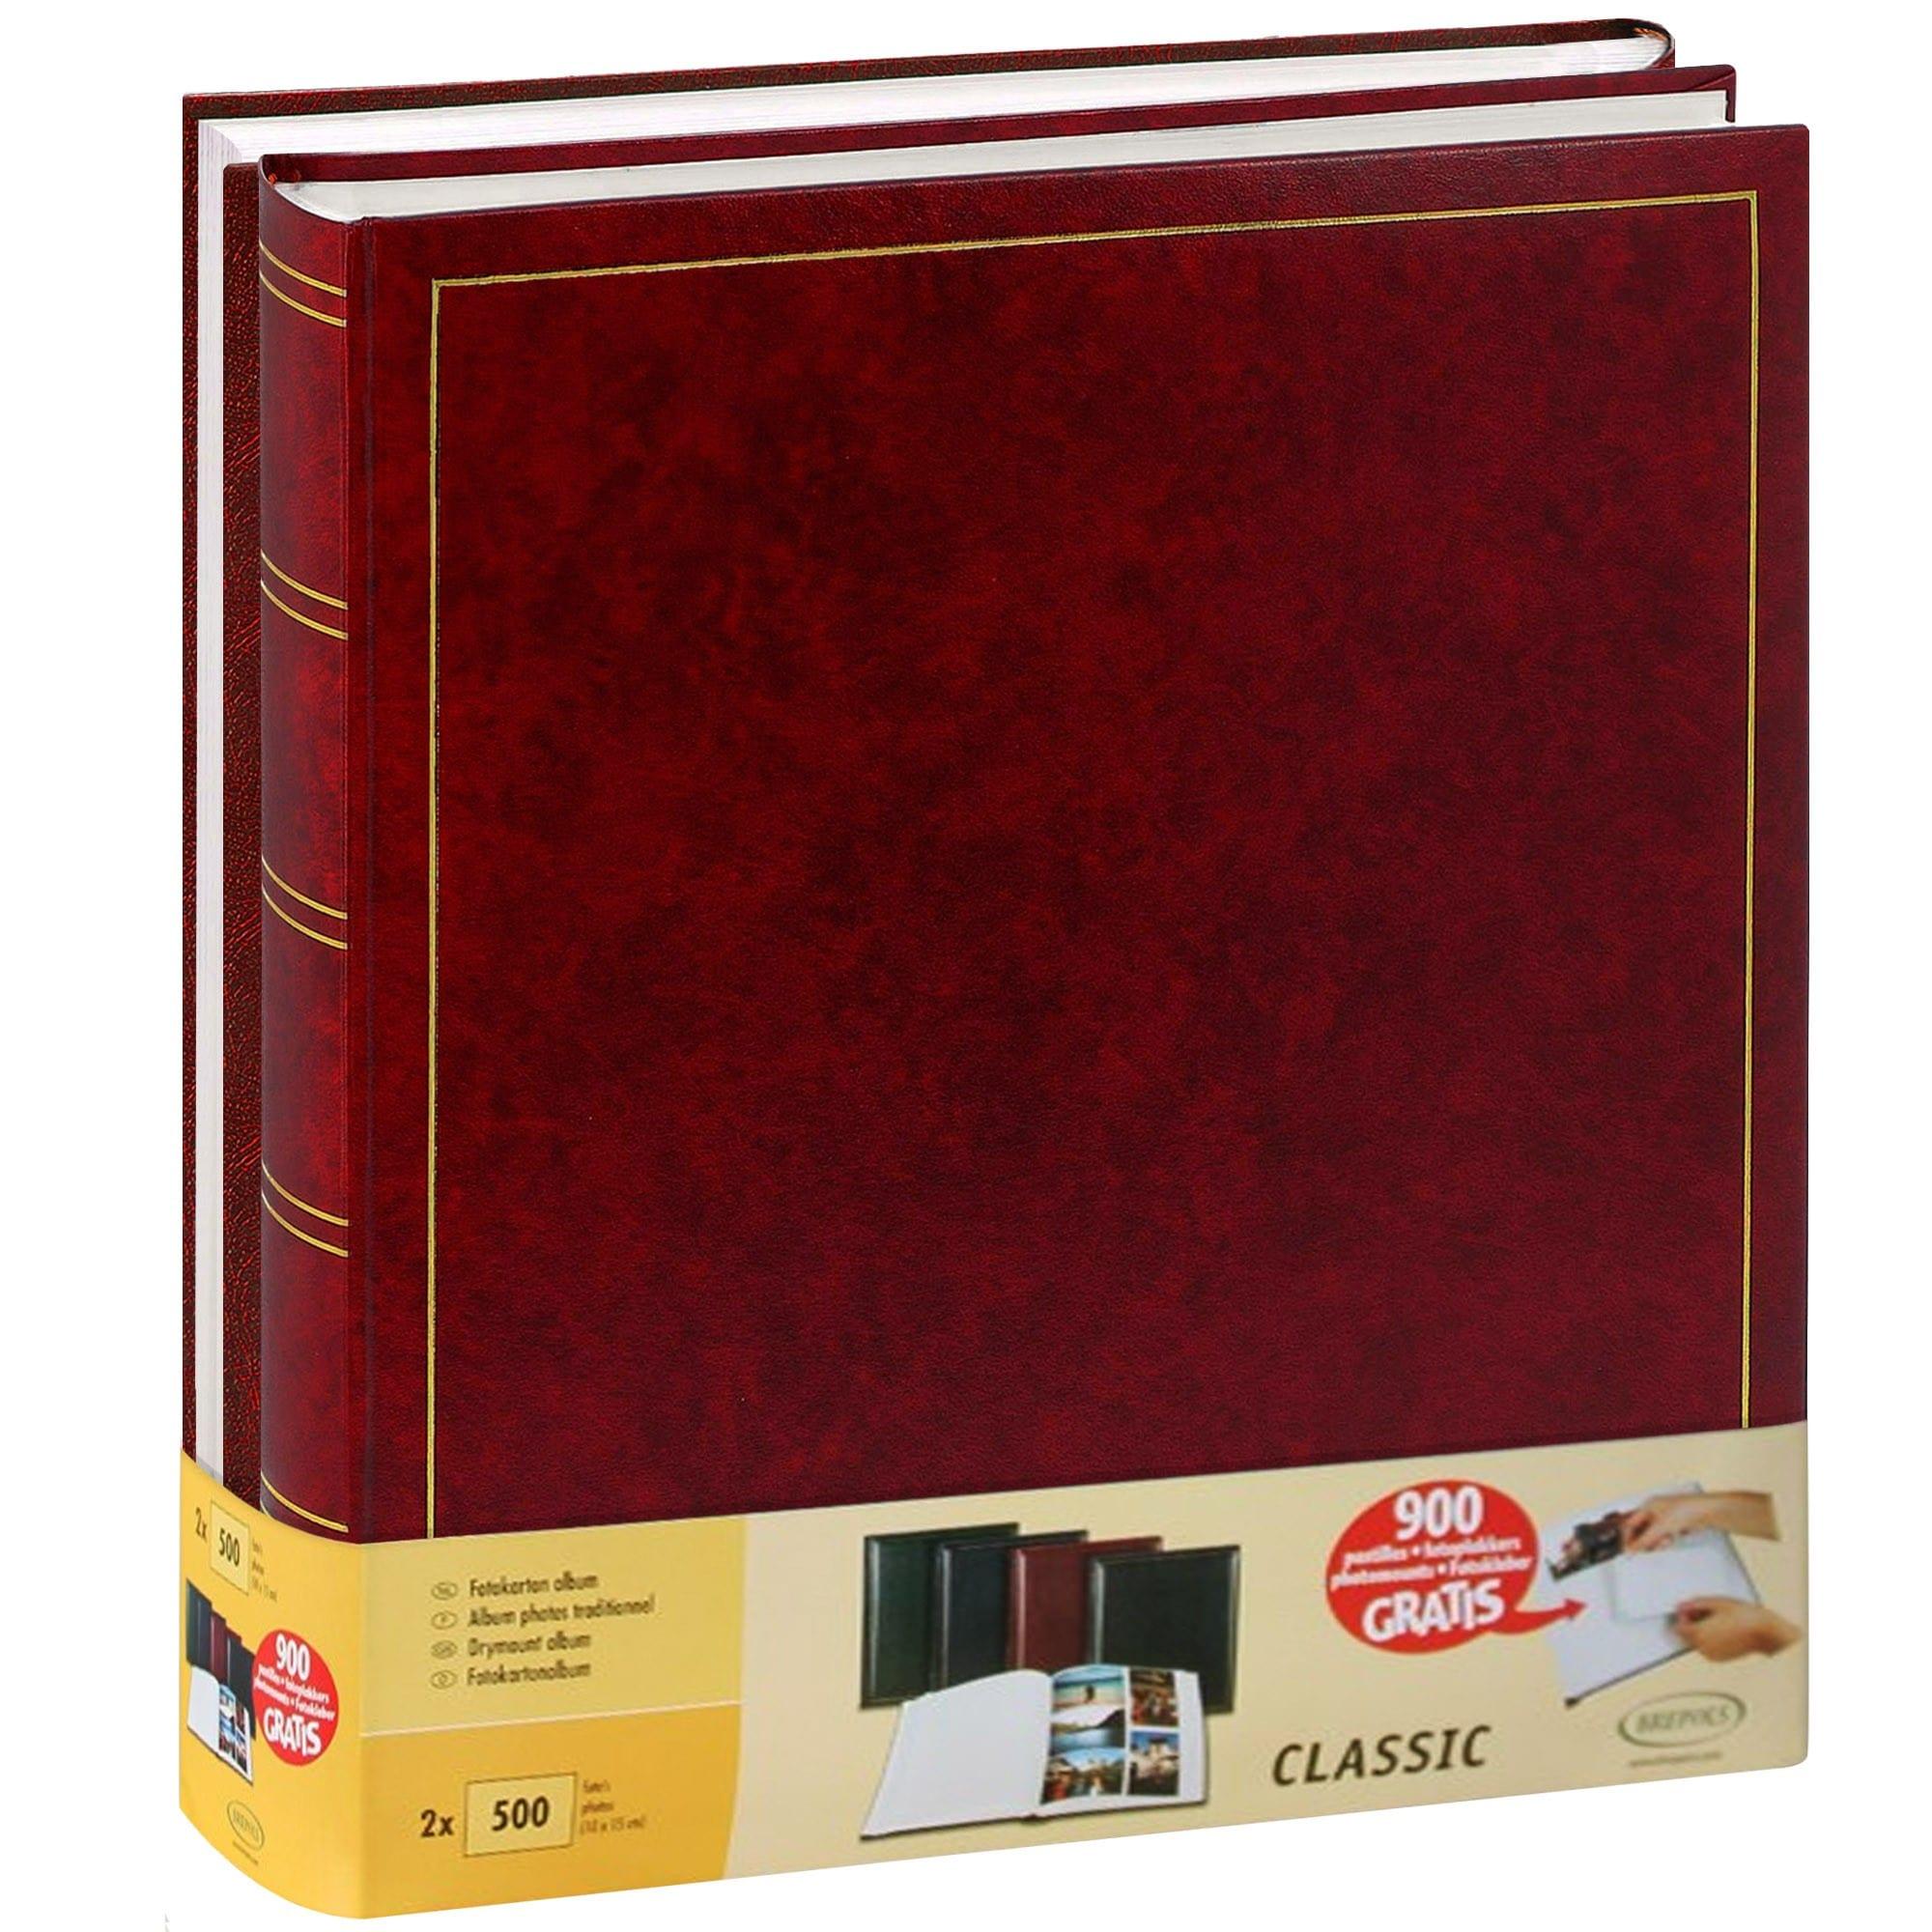 BREPOLS - Album photo traditionnel JUMBO - 100 pages blanches + feuillets cristal - 500 photos - Couverture Bordeaux 29x32cm - Lot de 2 + 900 pastilles